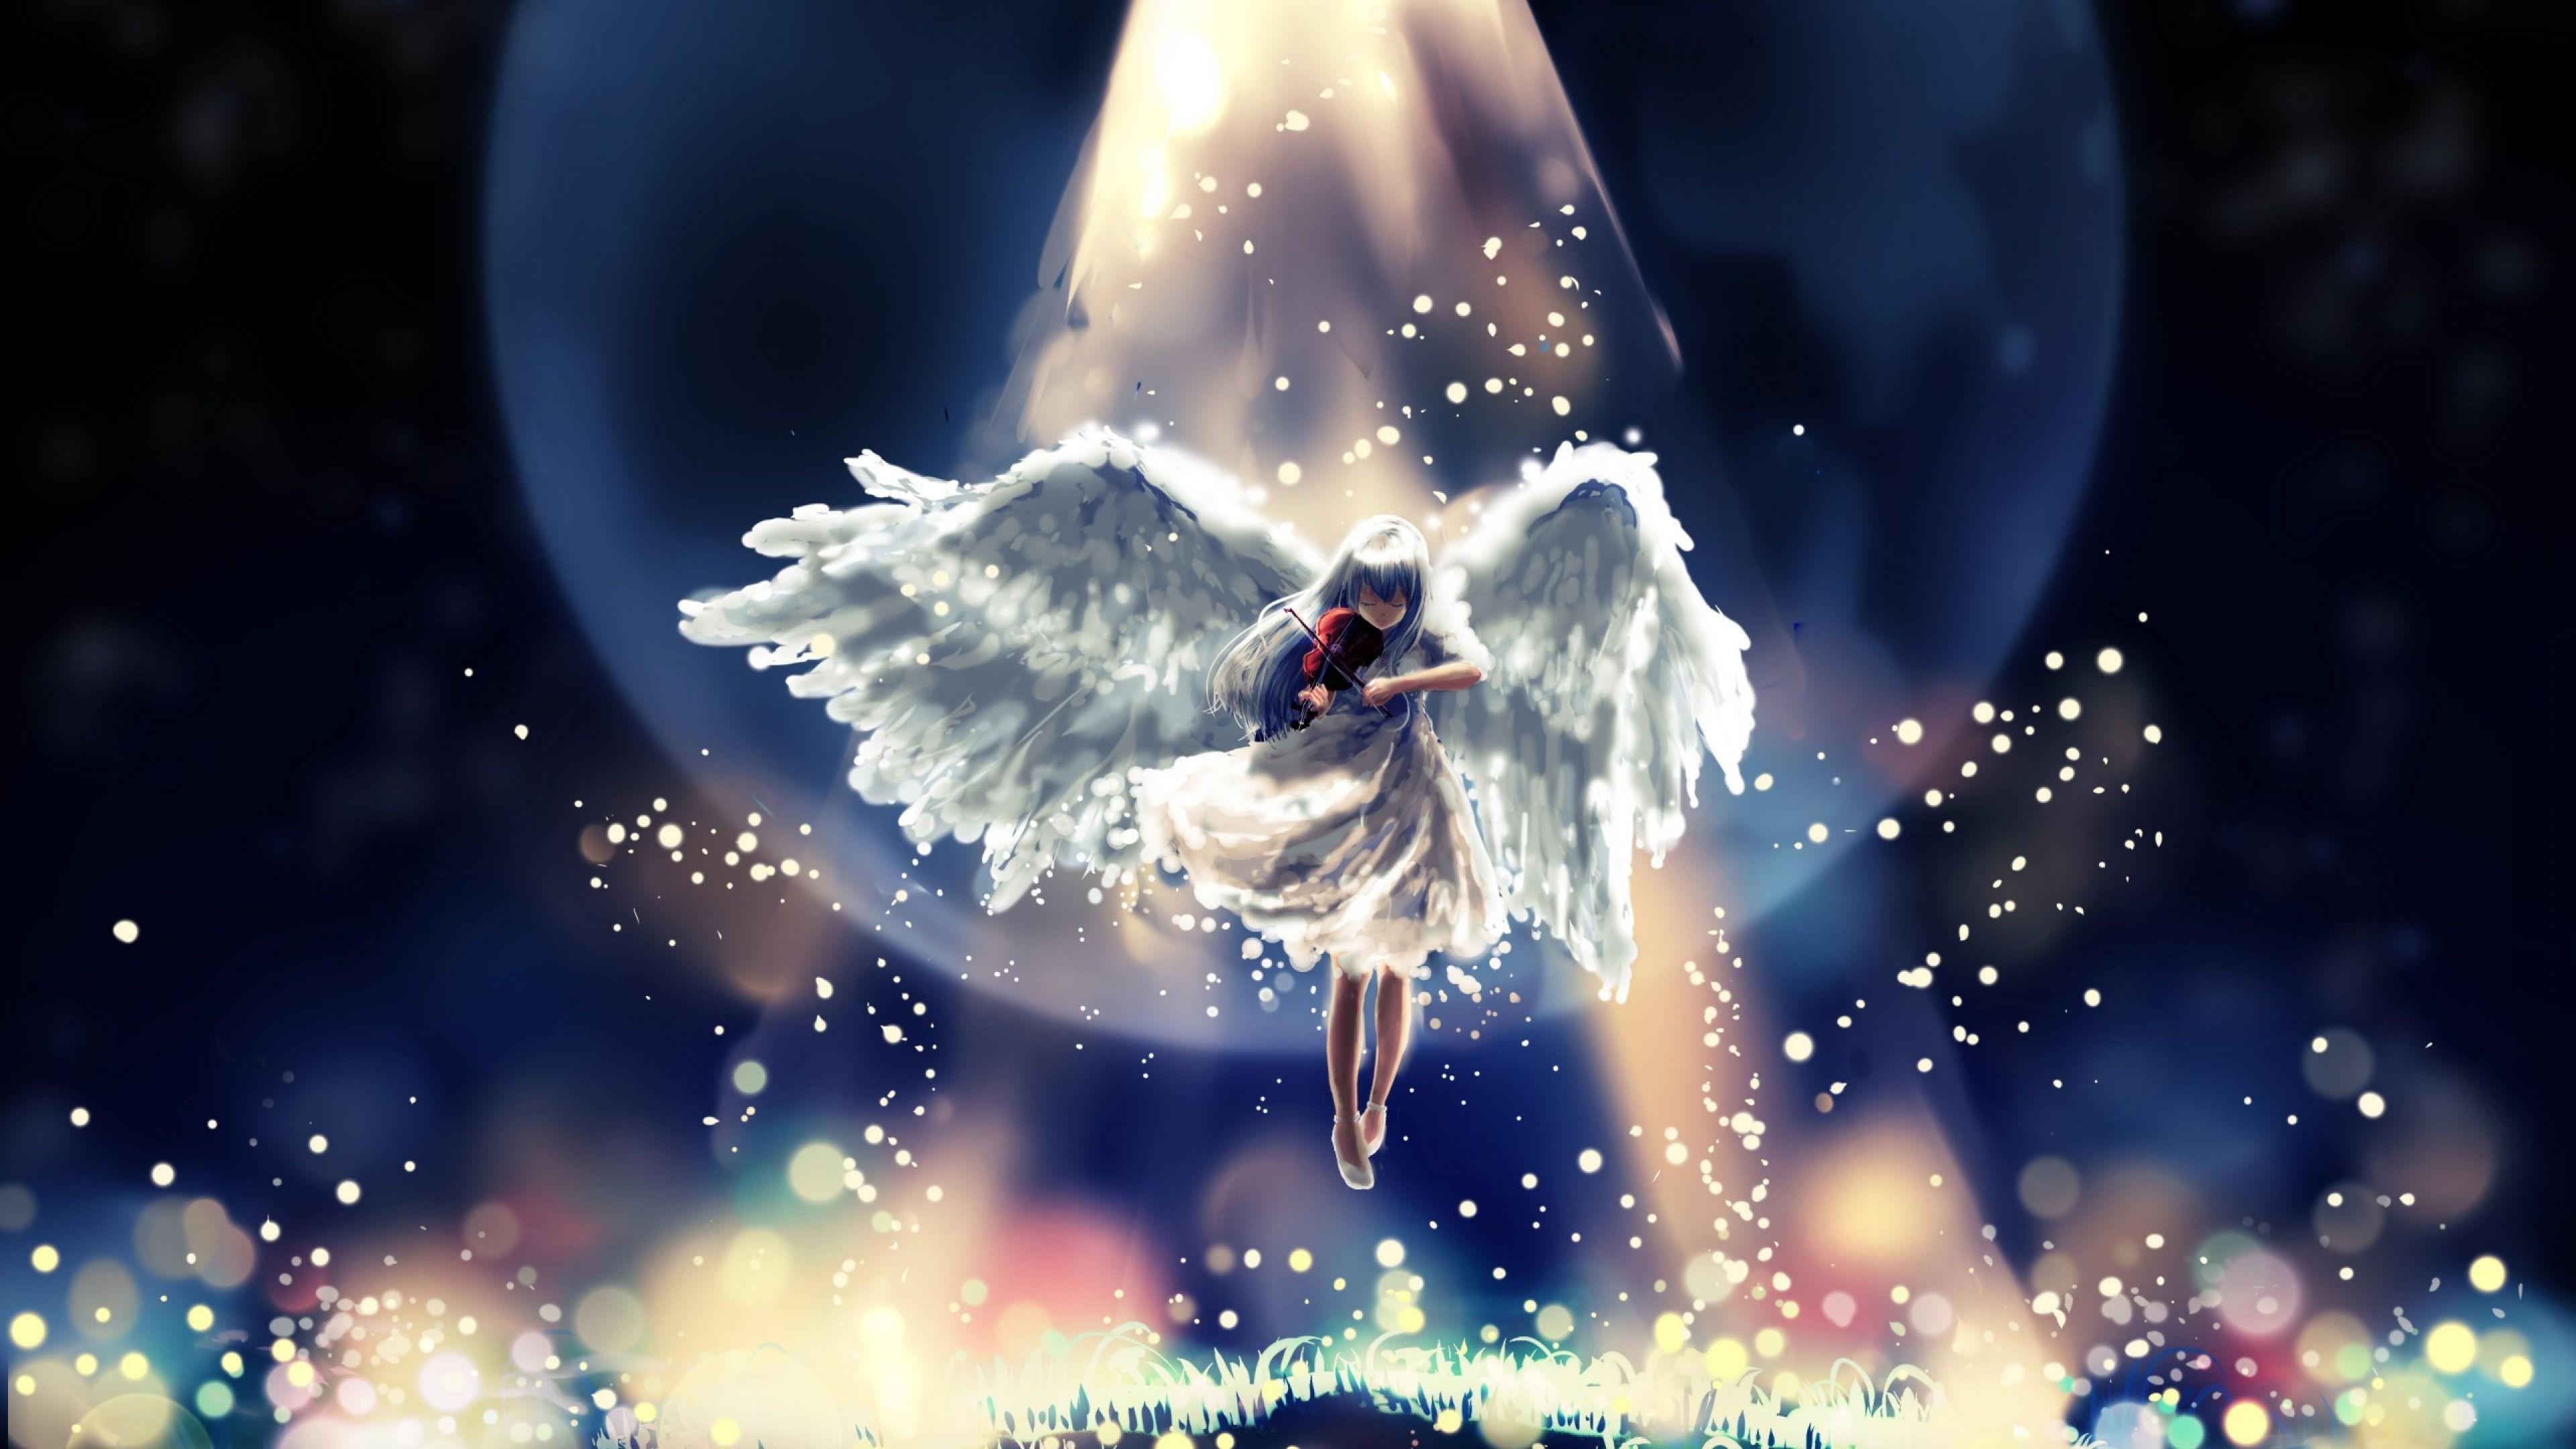 angel wings 1541973523 - Angel Wings - wings wallpapers, anime wallpapers, angel wallpapers